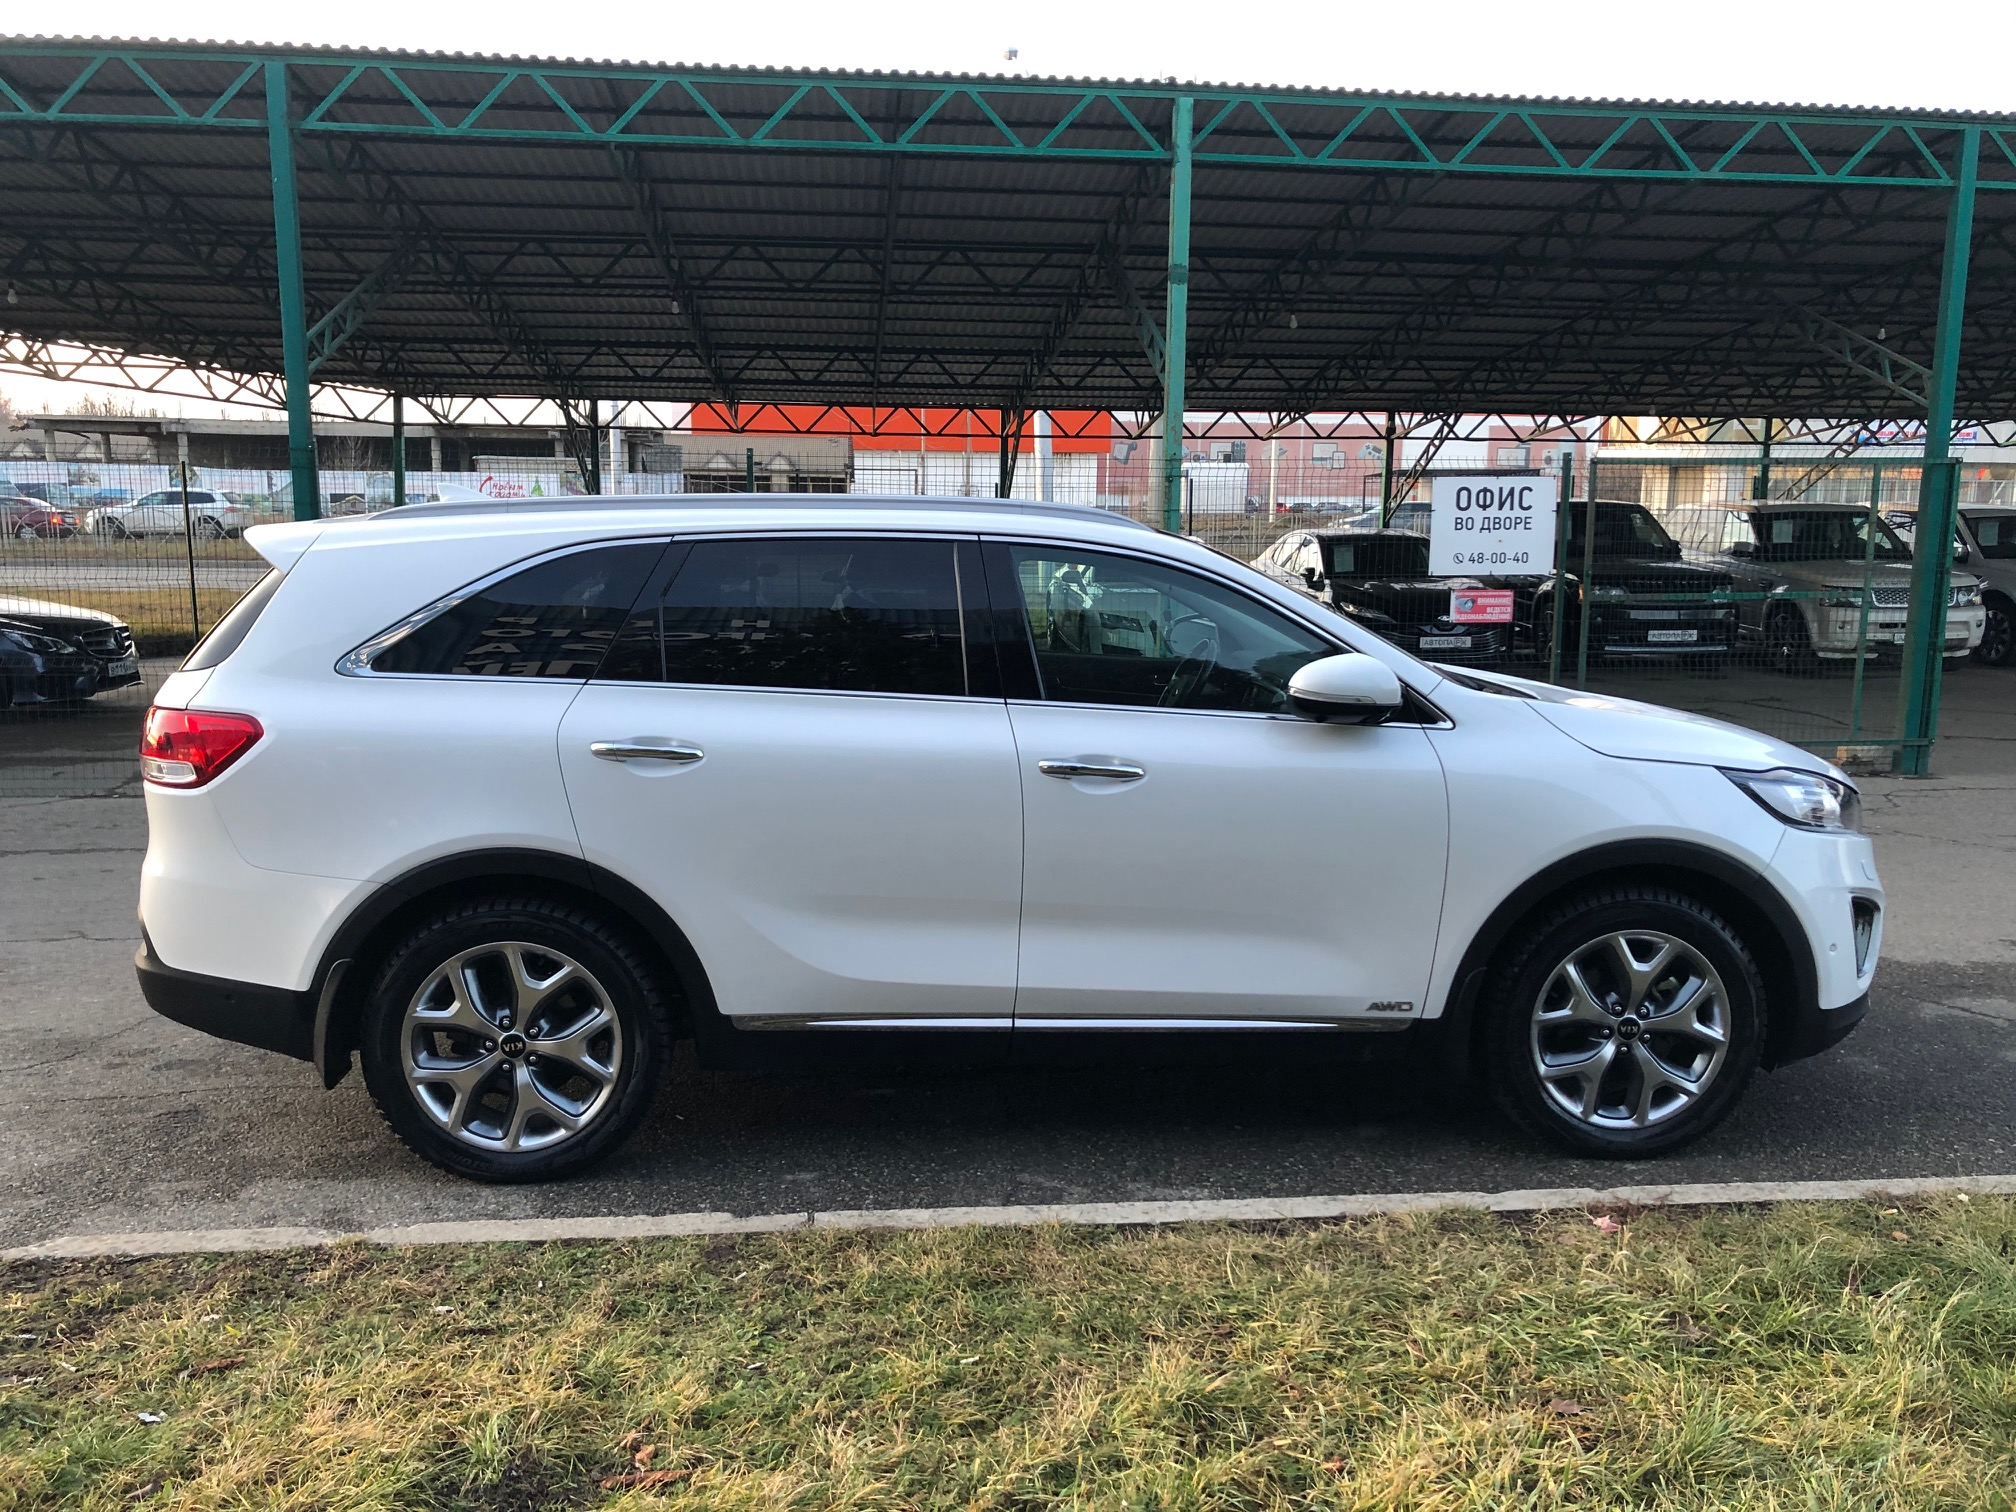 Купить KIA Sorento Prime (Белый) - Автопарк Ставрополь